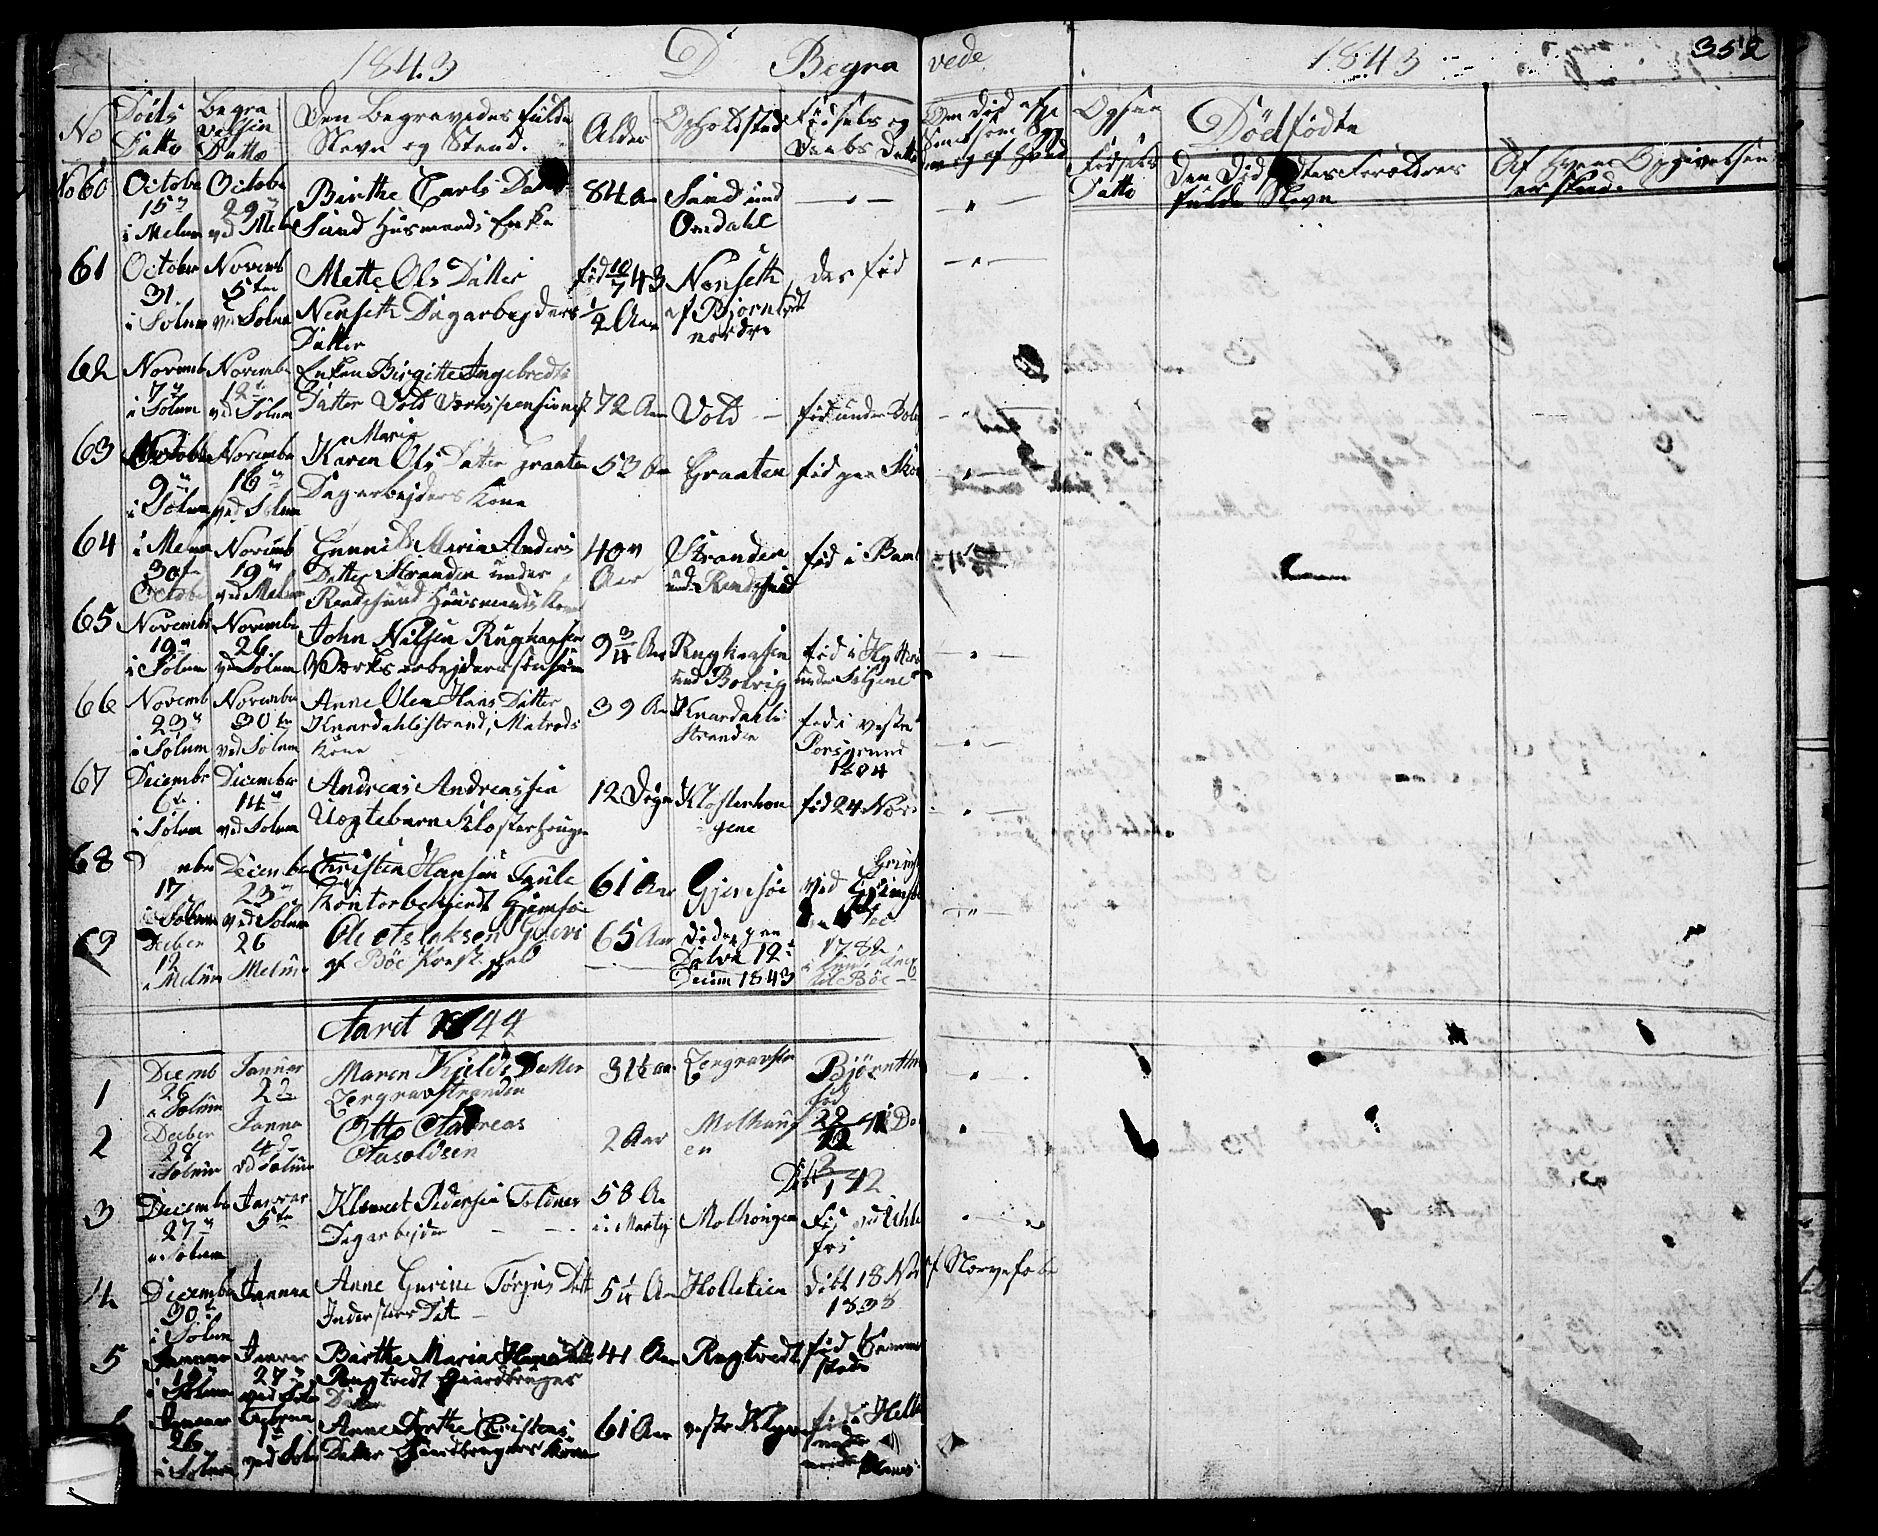 SAKO, Solum kirkebøker, G/Ga/L0002: Klokkerbok nr. I 2, 1834-1848, s. 352